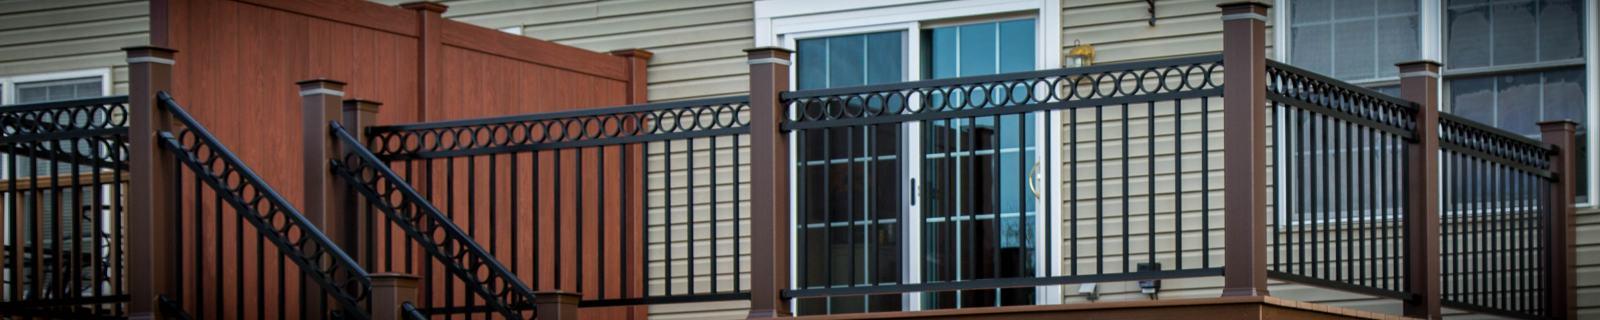 new deck and stair vinyl railings